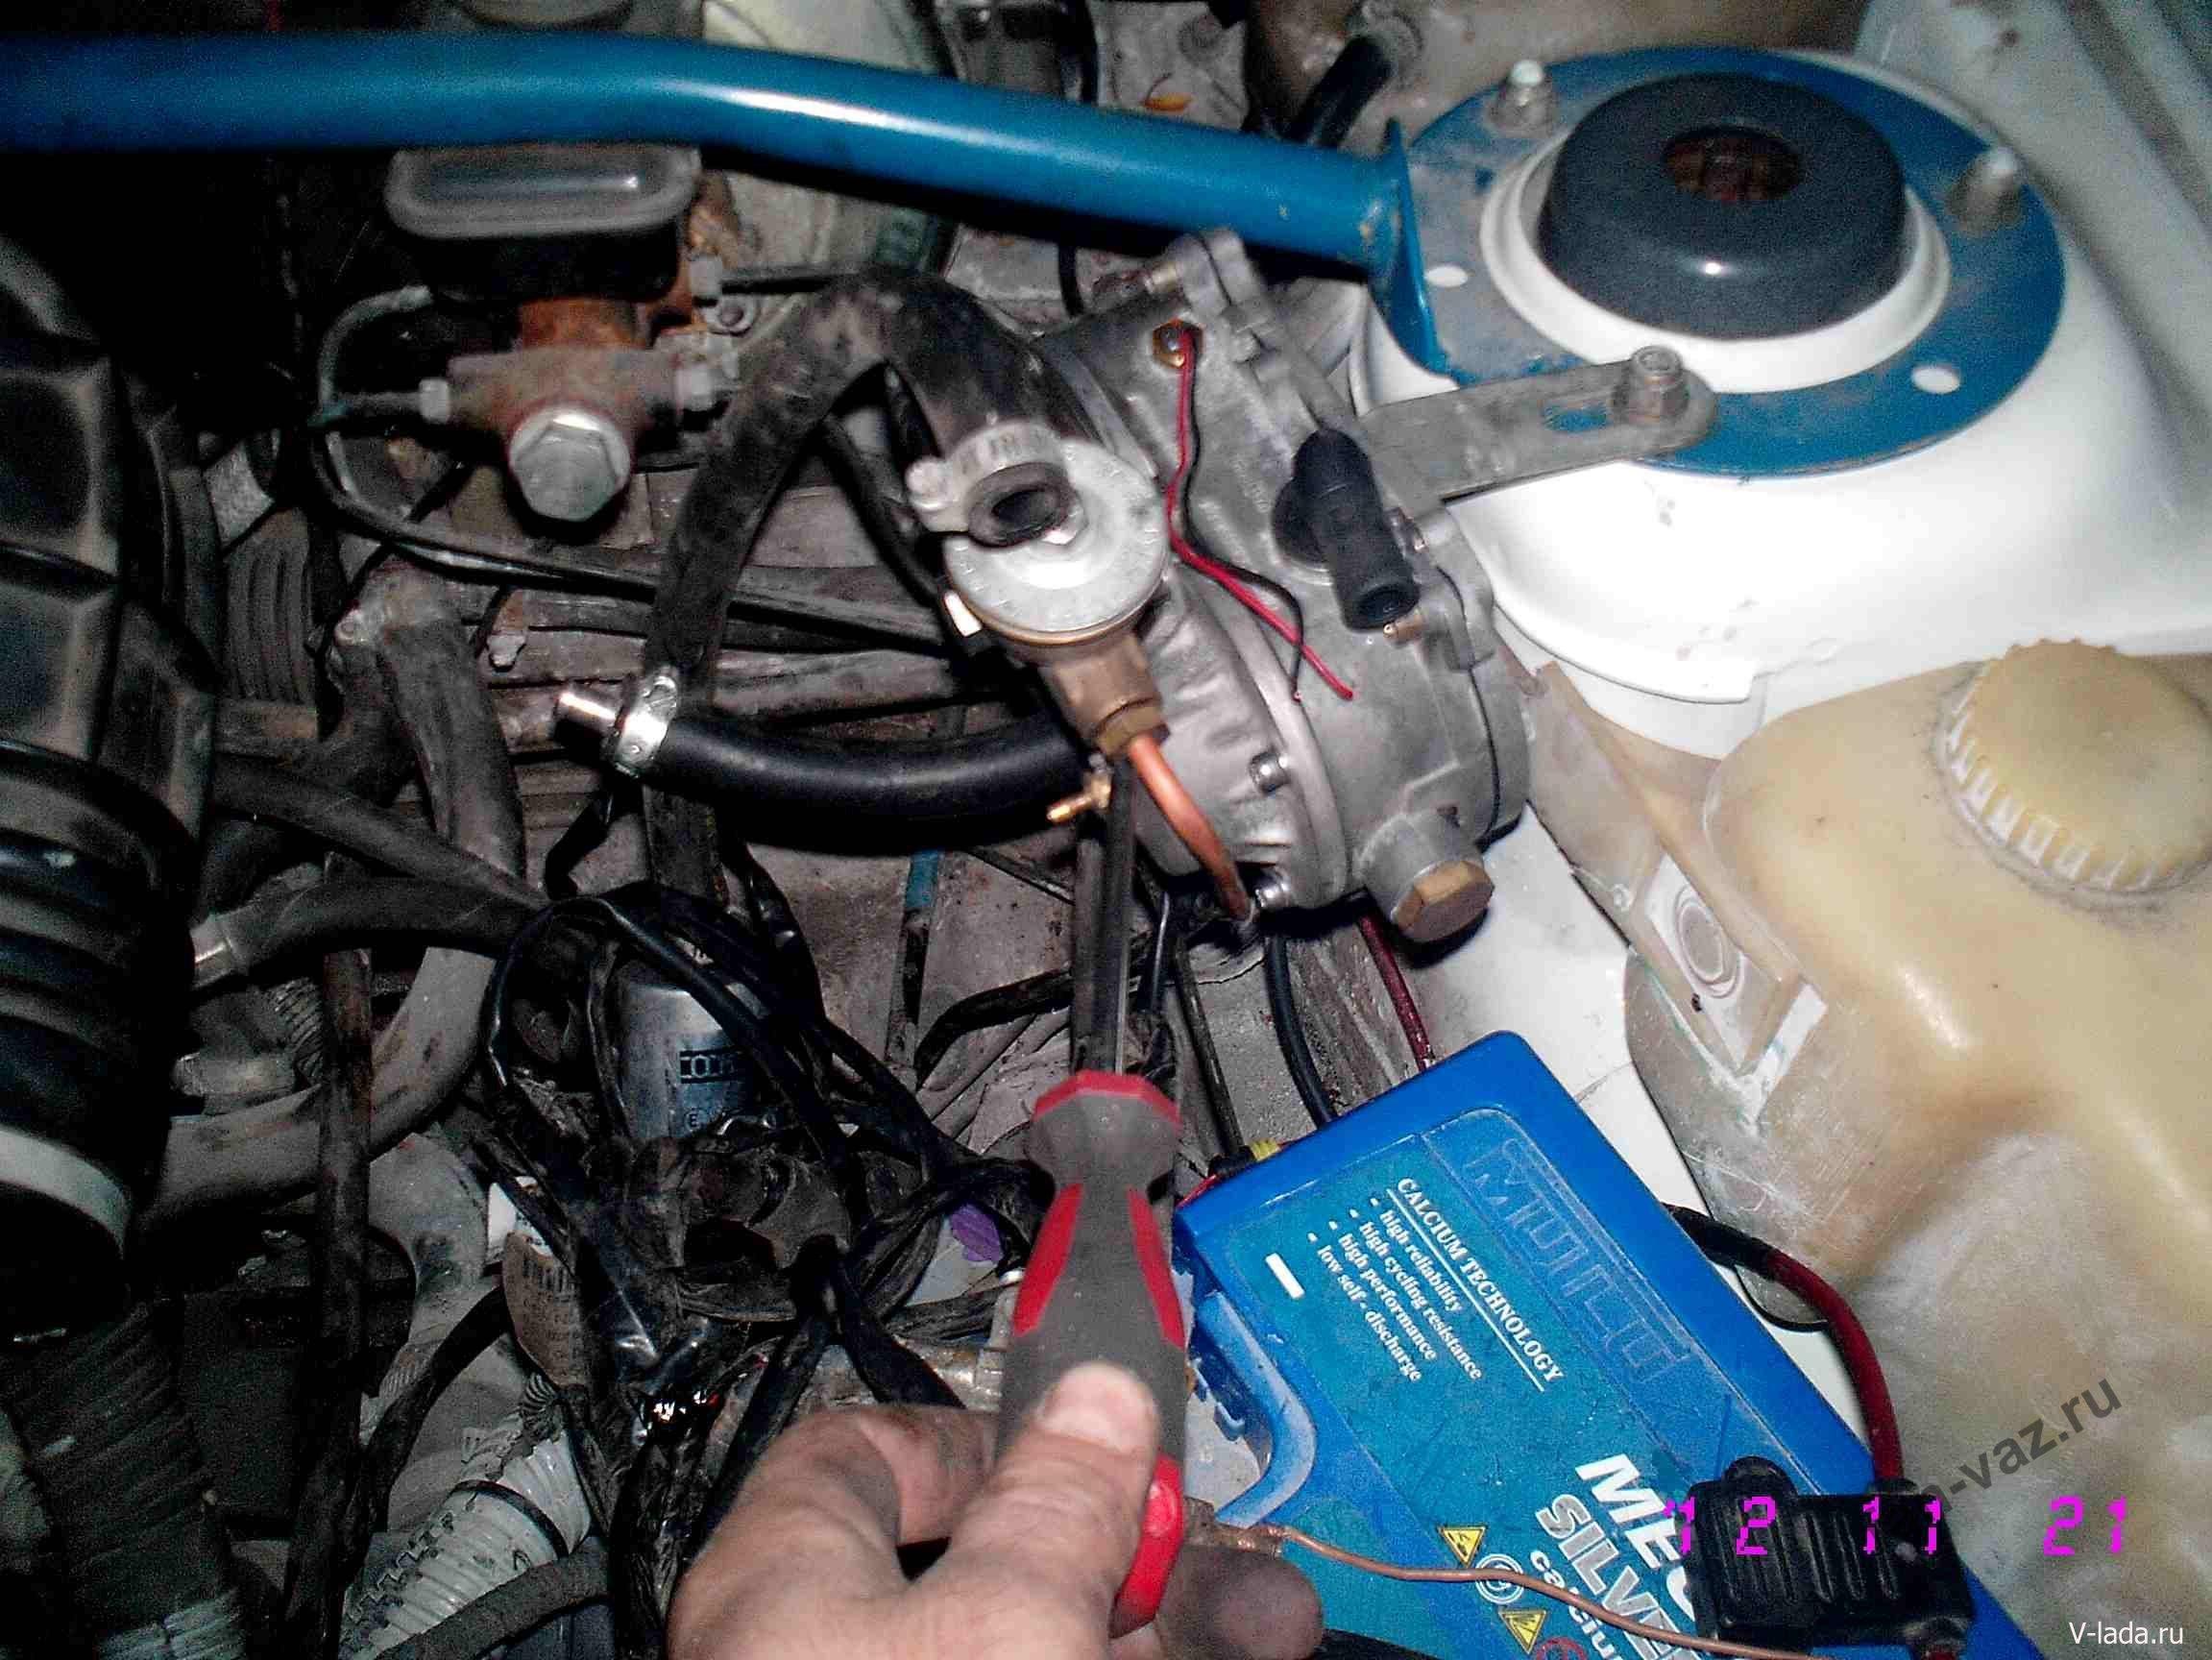 Фото №5 - установка гбо на ВАЗ 2110 своими руками